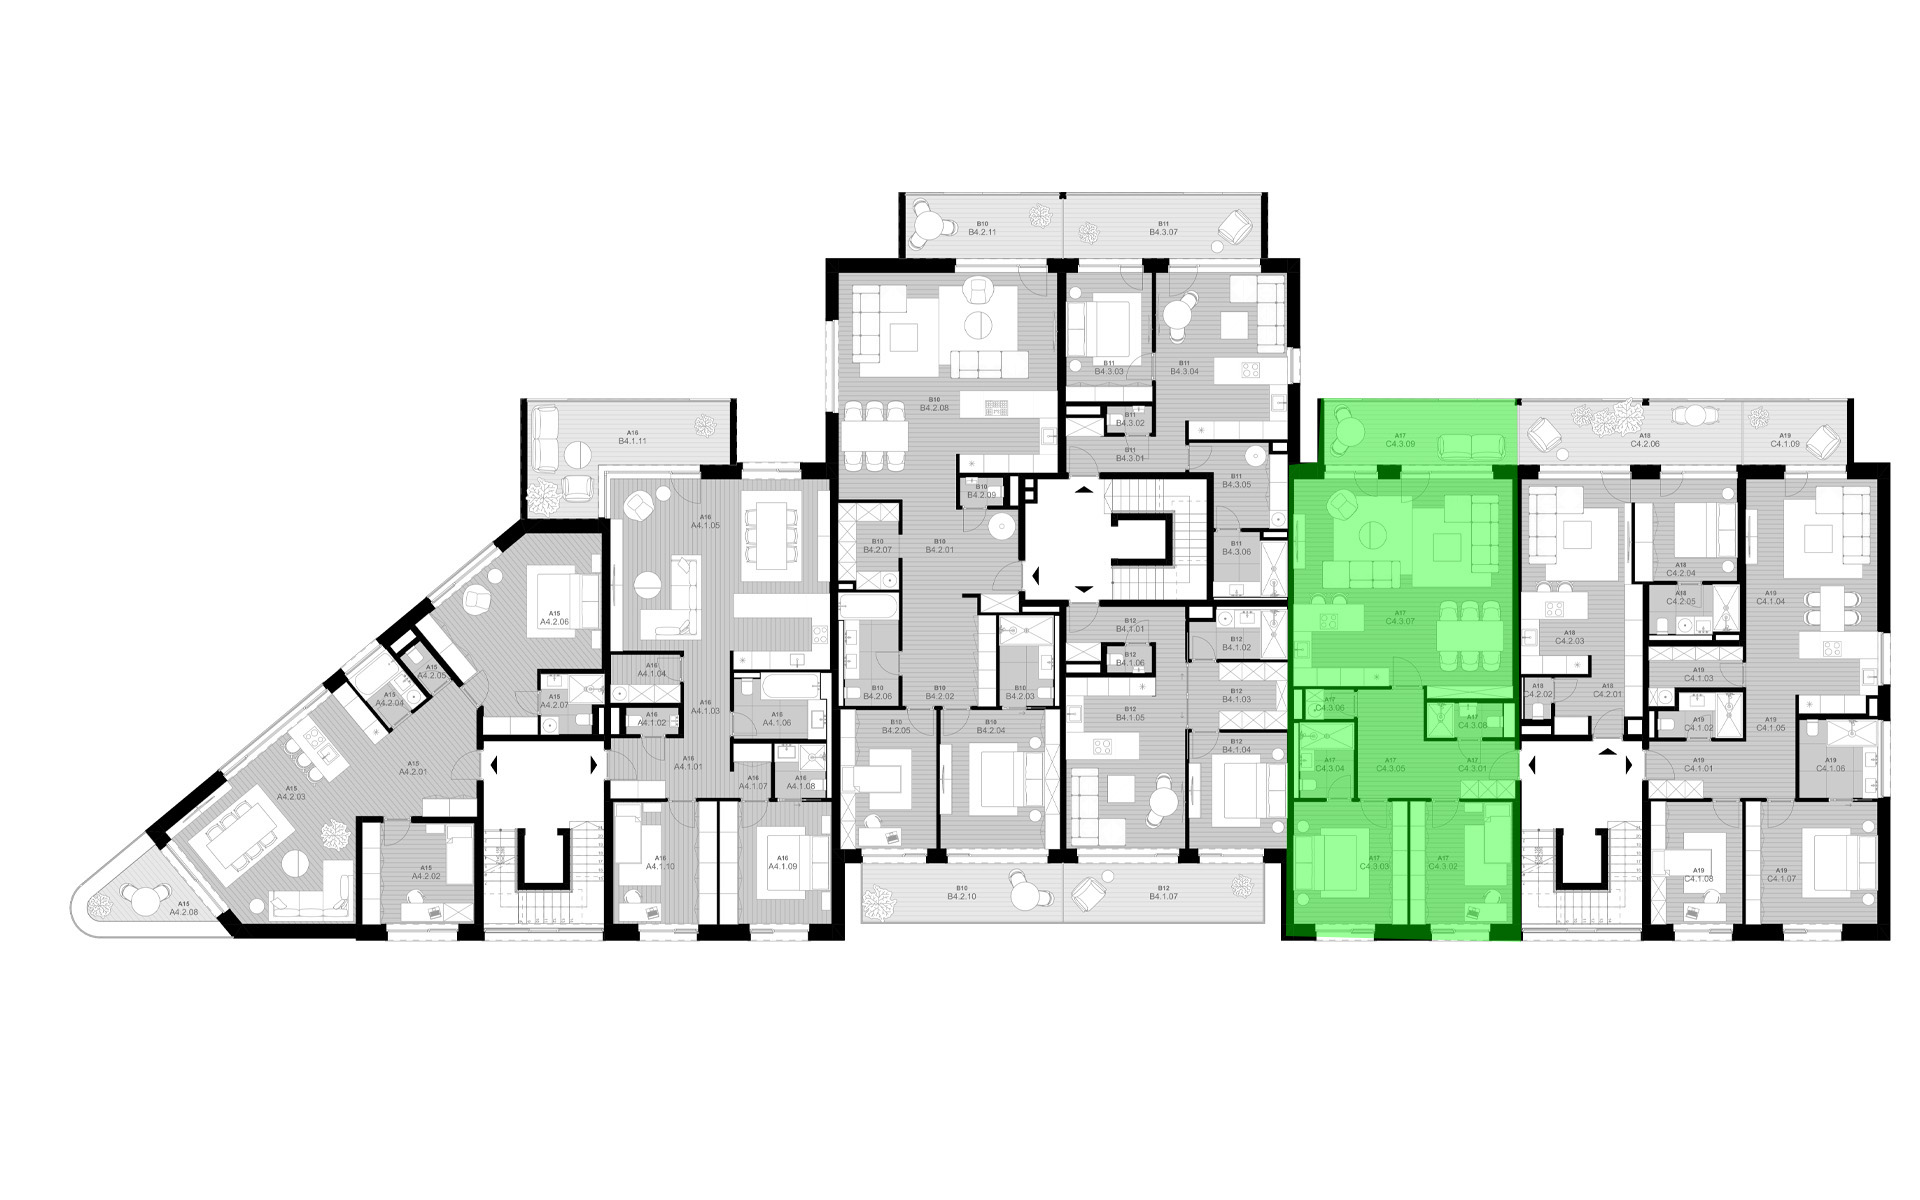 K Železnej Studienke - pôdorys so zvýraznením apartmánu C4.3